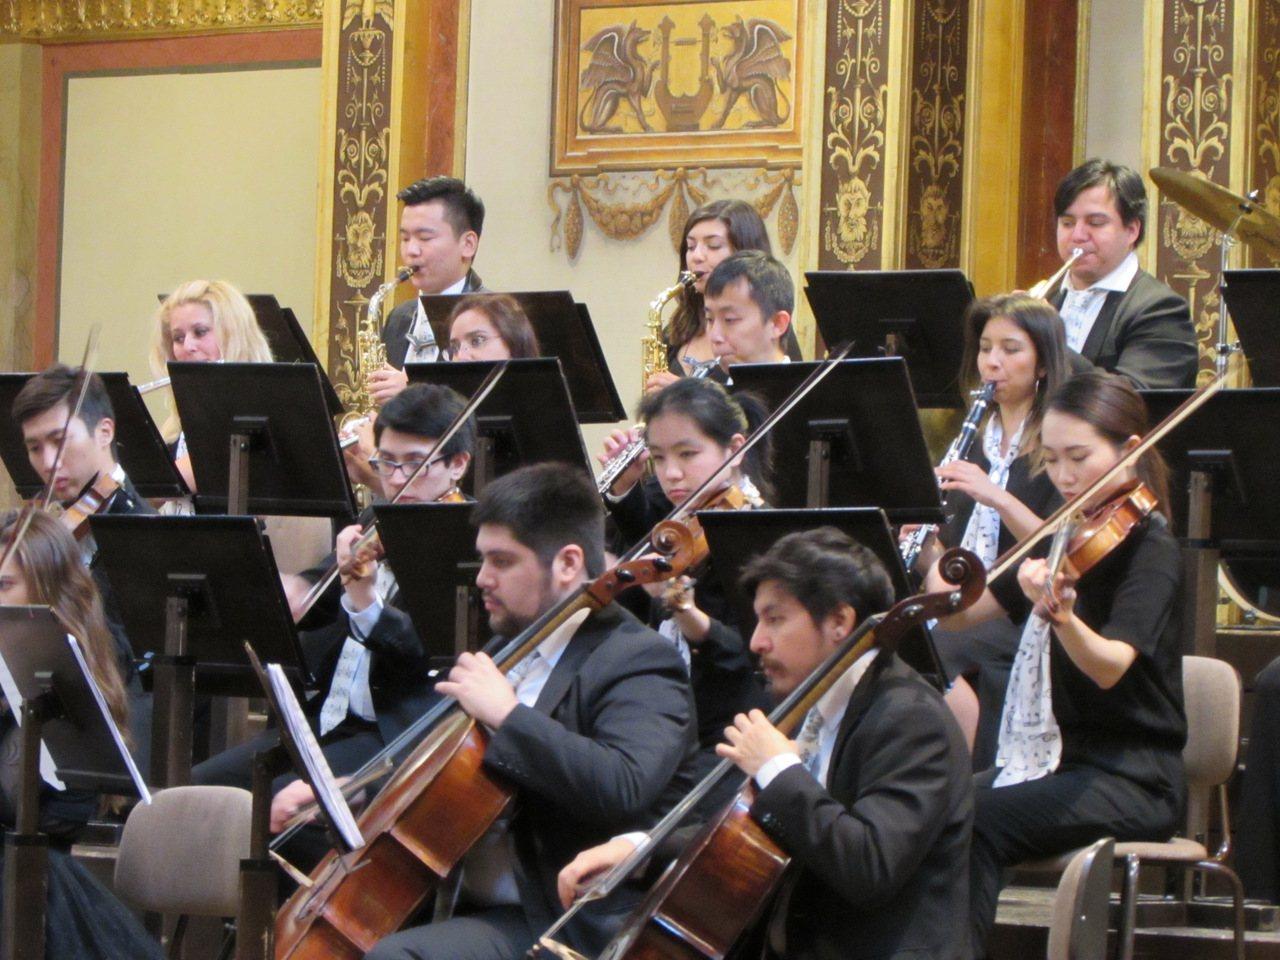 維也納佛光青年愛樂團12月26日晚間將在佛光山潮講堂進行「美麗新世界 平安幸福照...